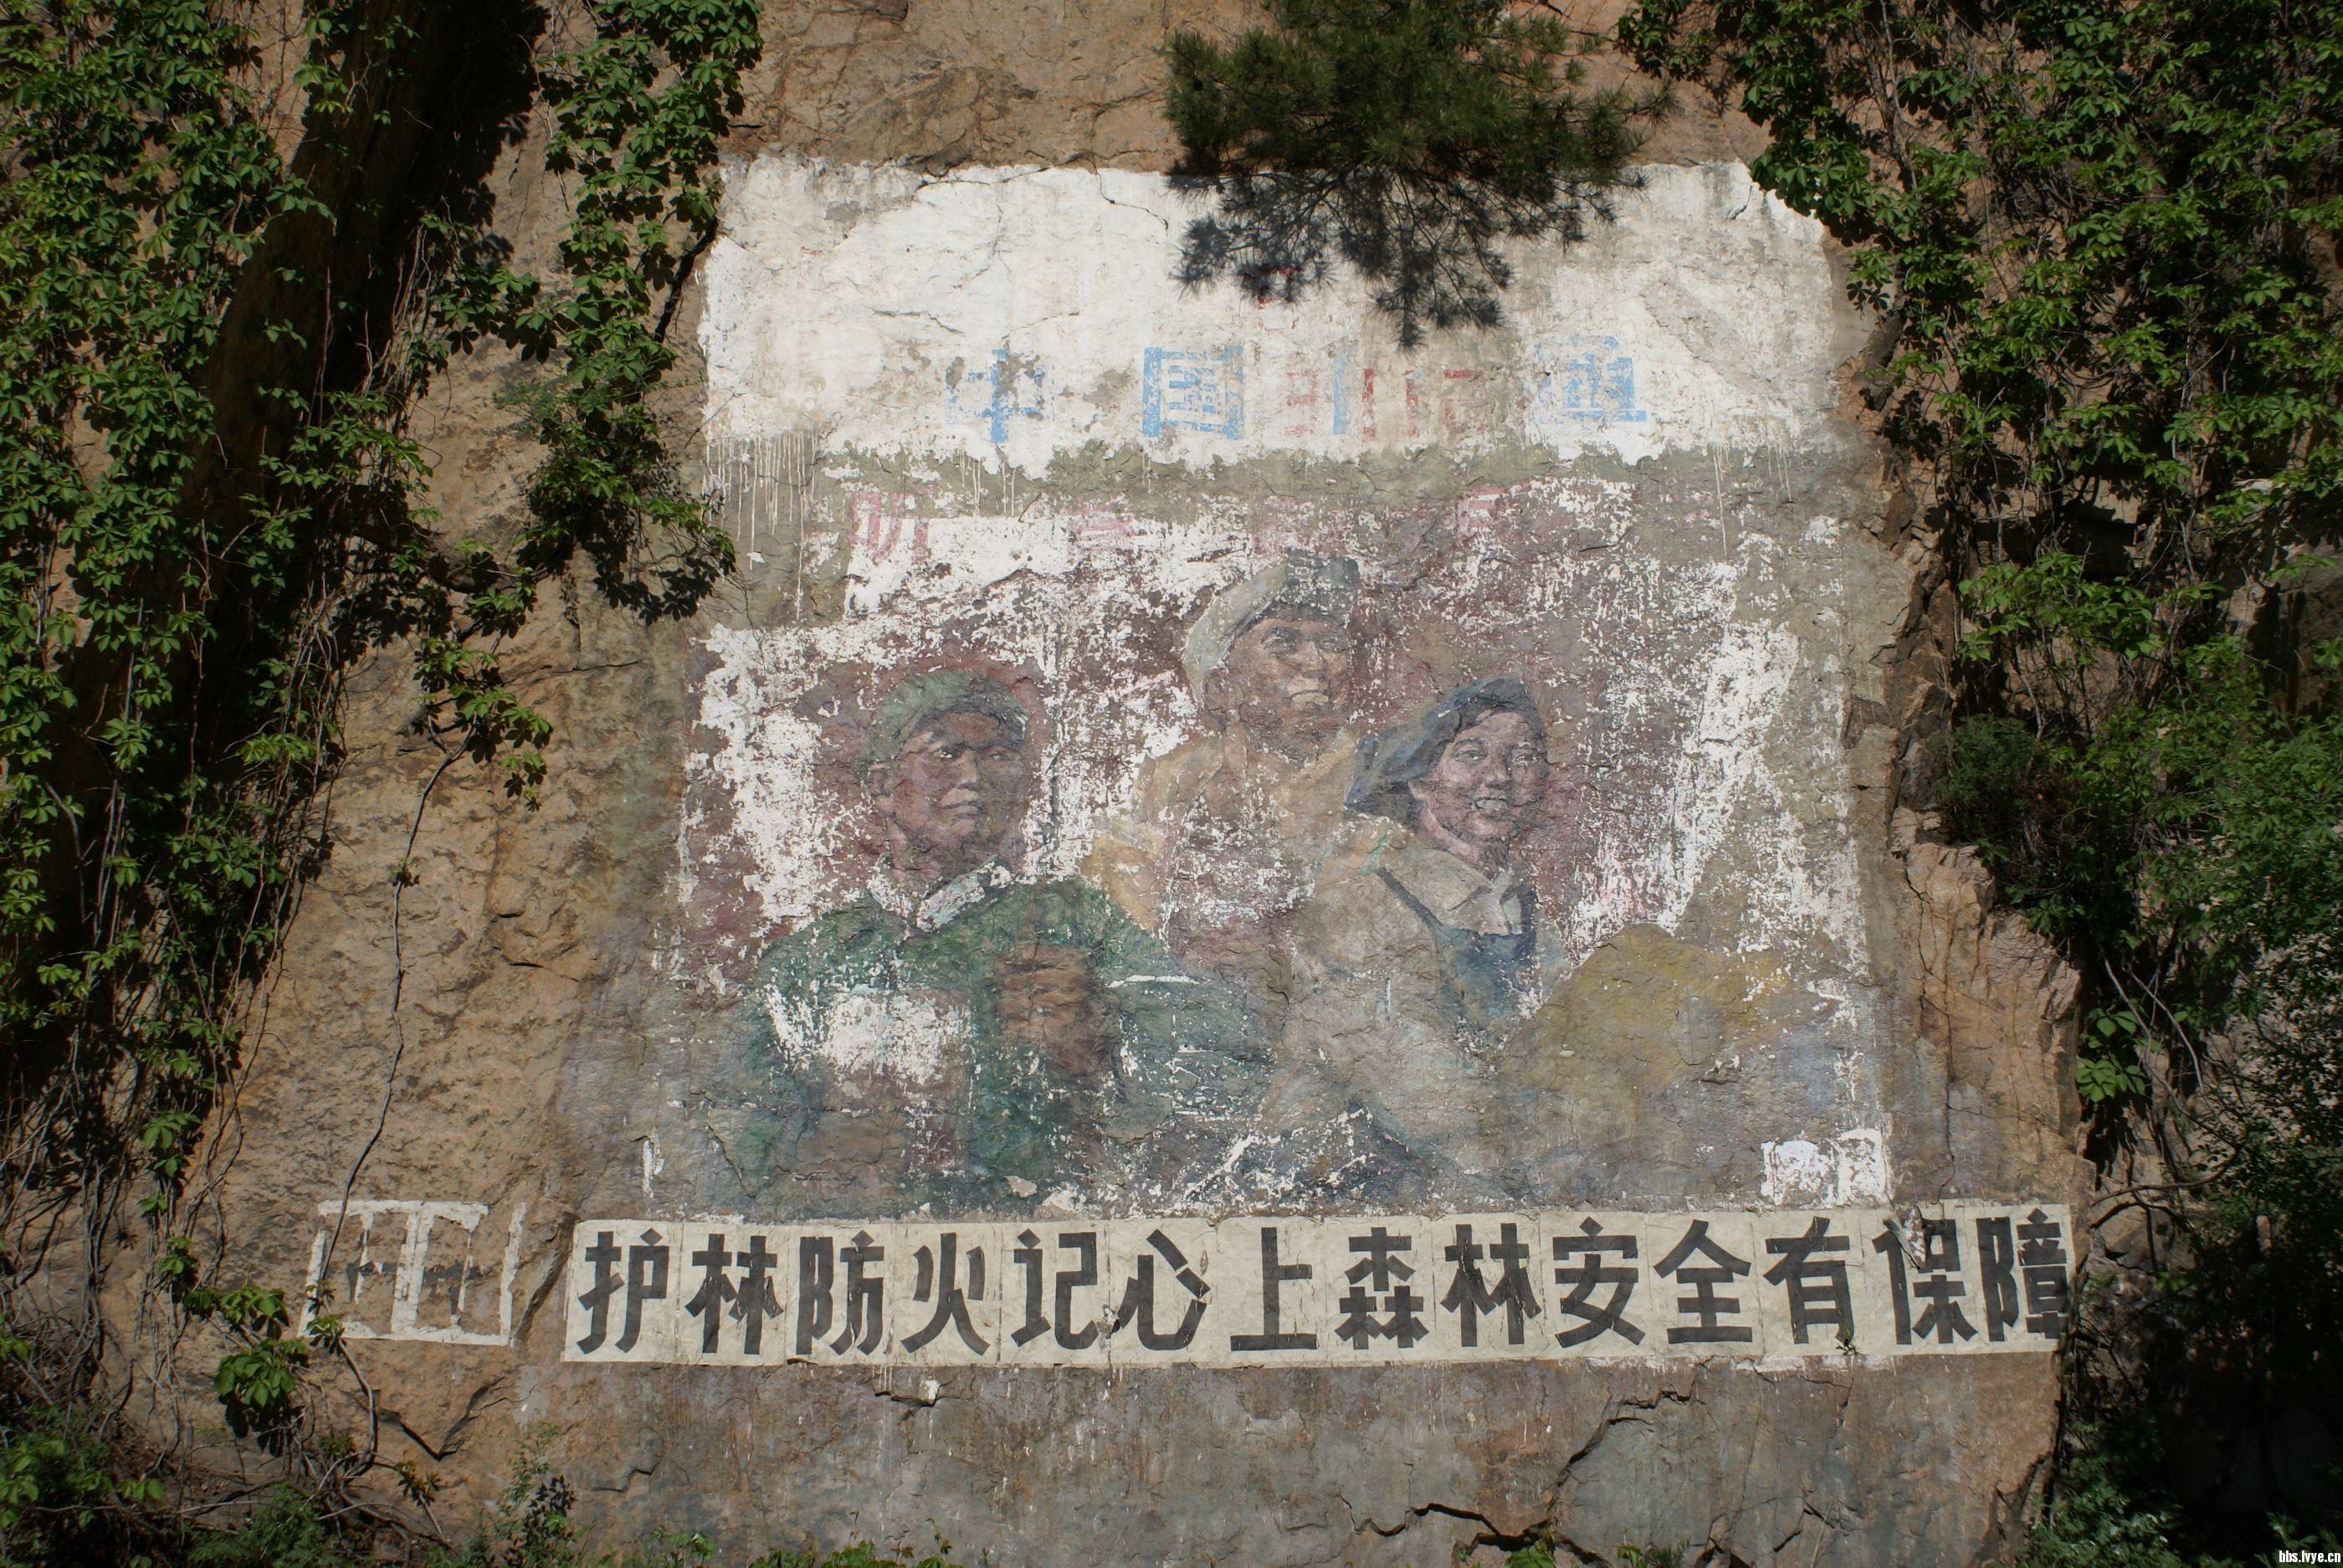 05.14. 北京松山森林公园的景色照片!